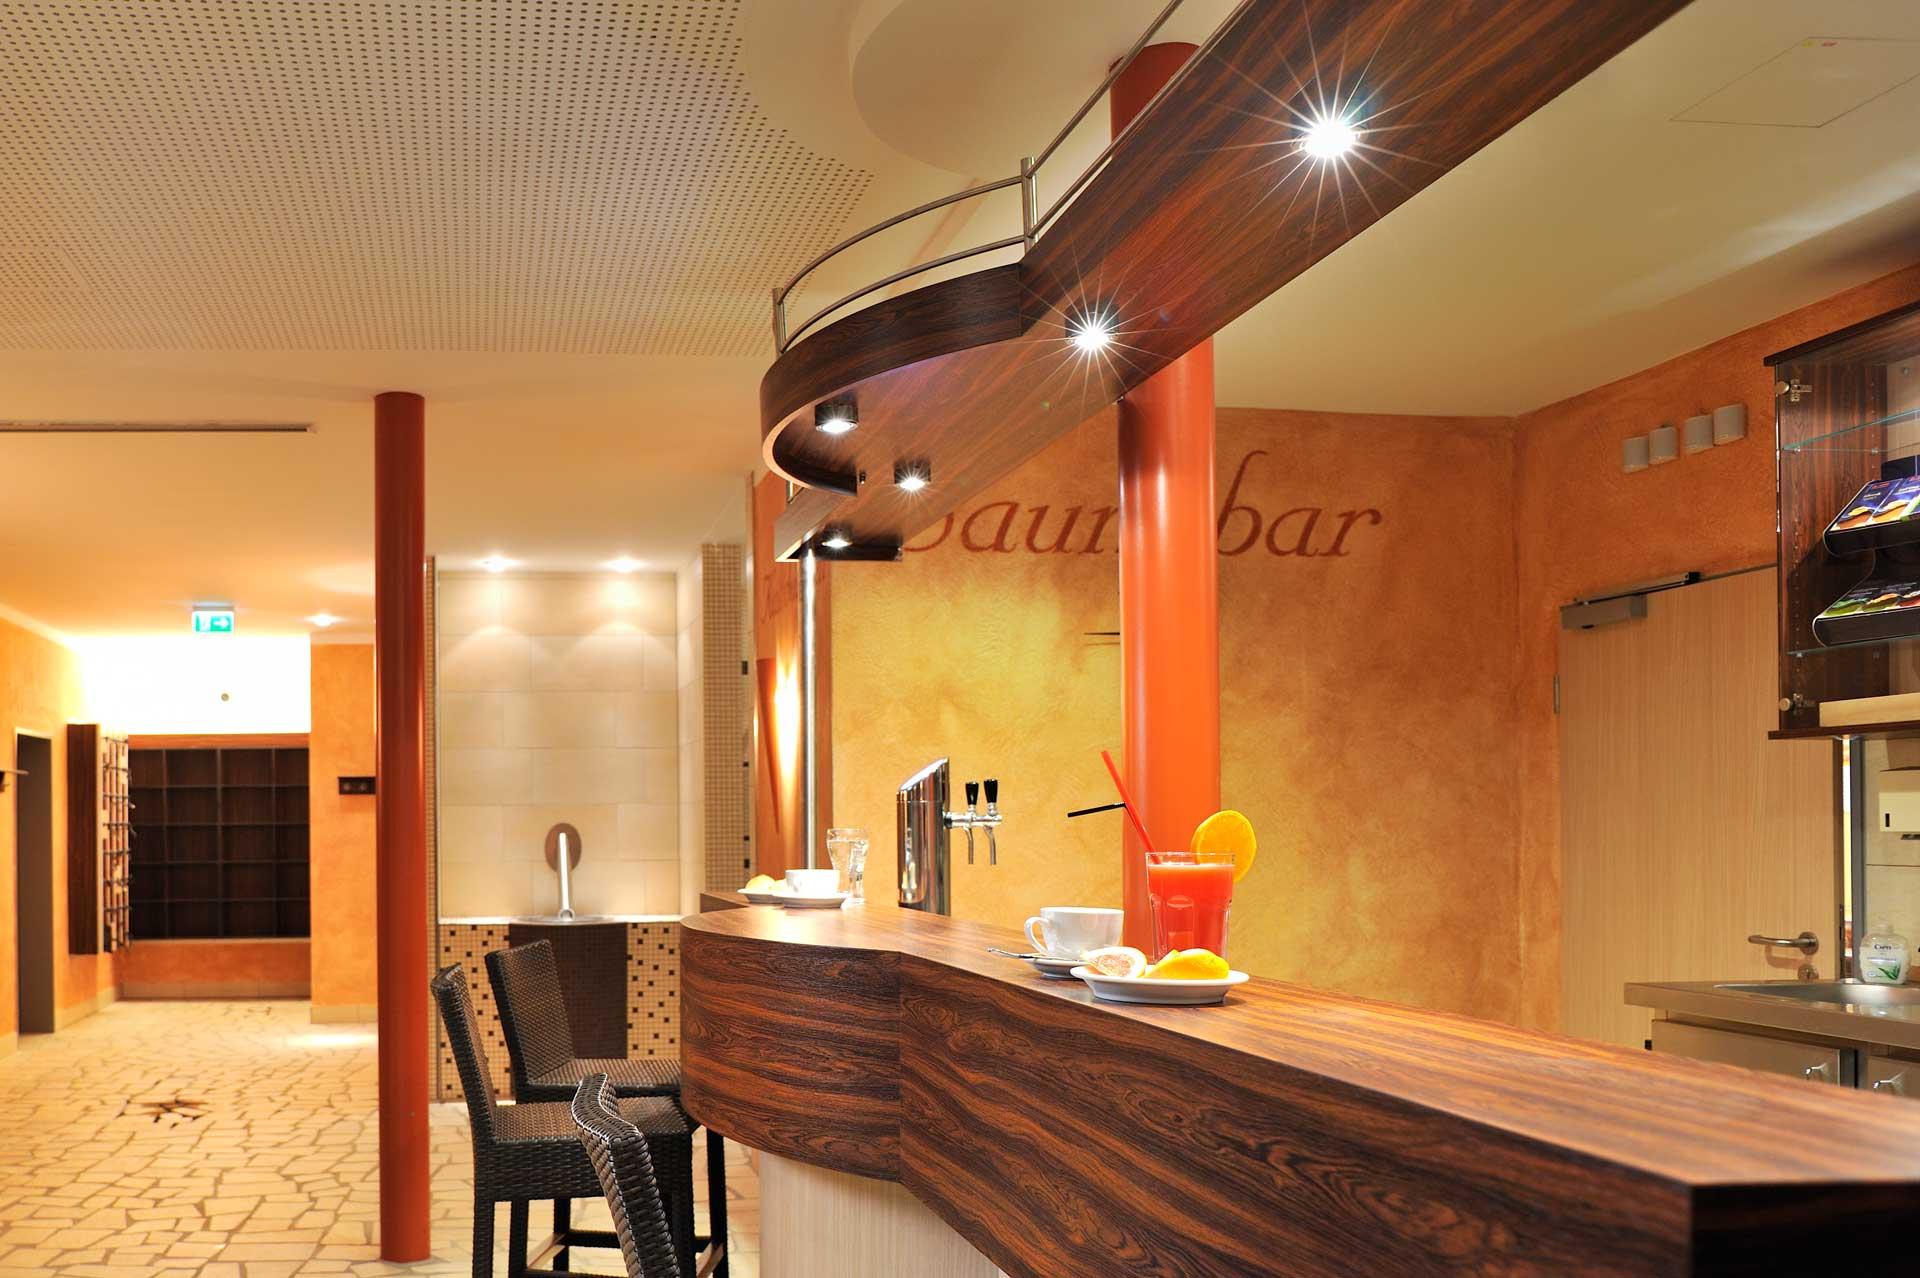 Sauna rotenburg wümme